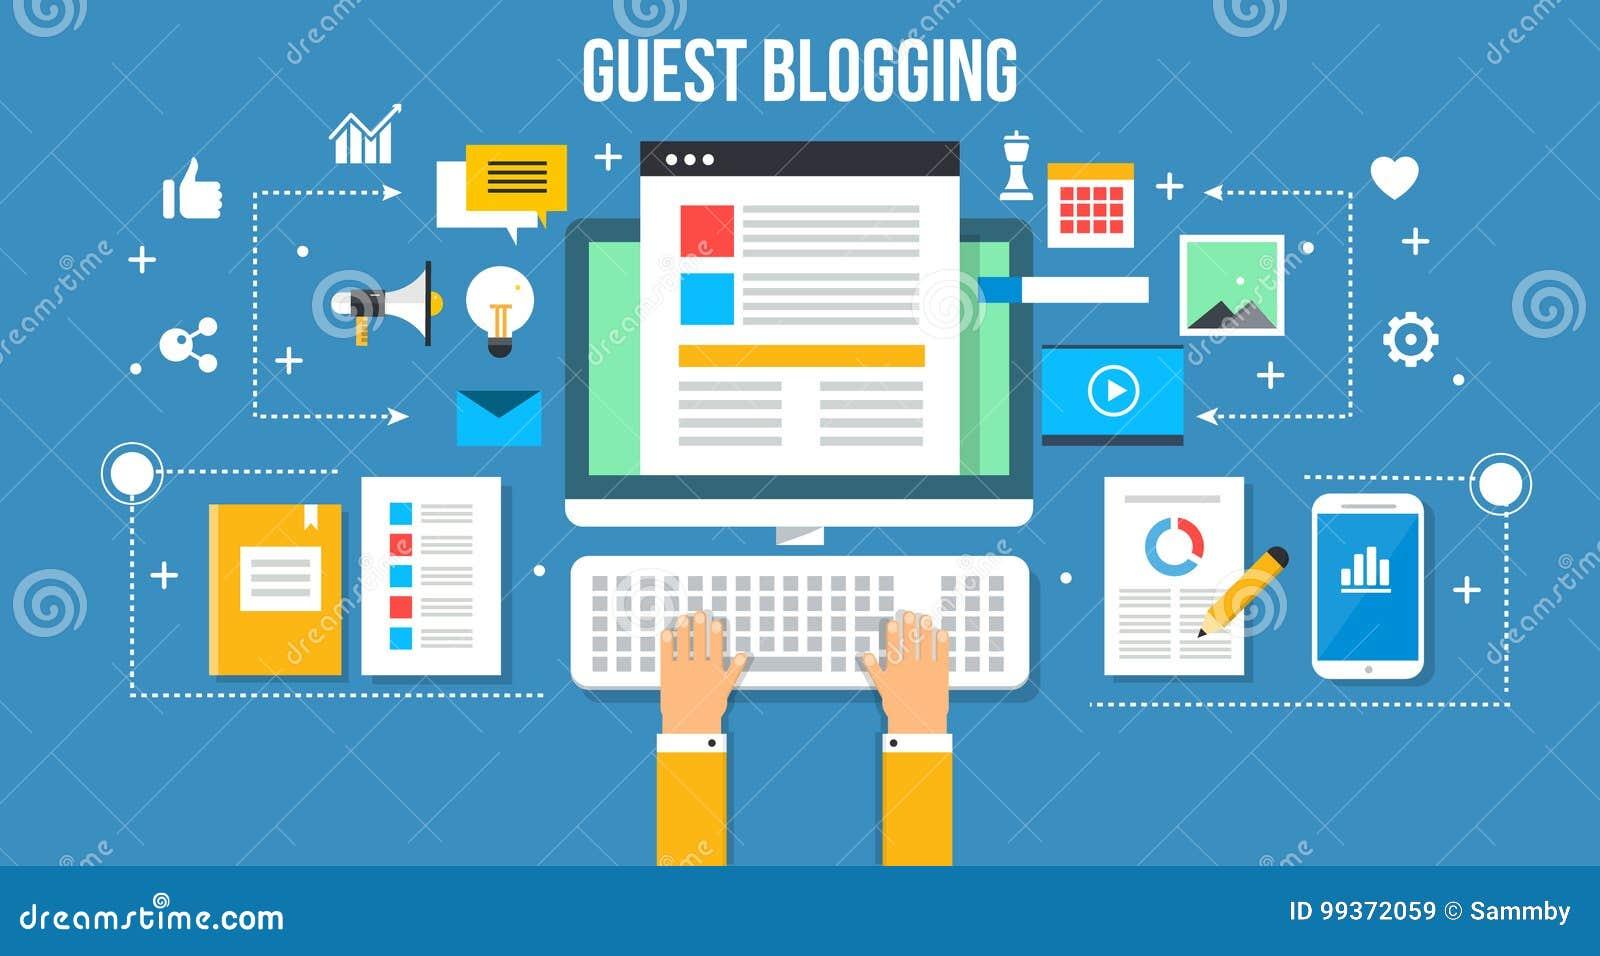 Guest Blogging - Flat Design Vector Illustration  Web Banner